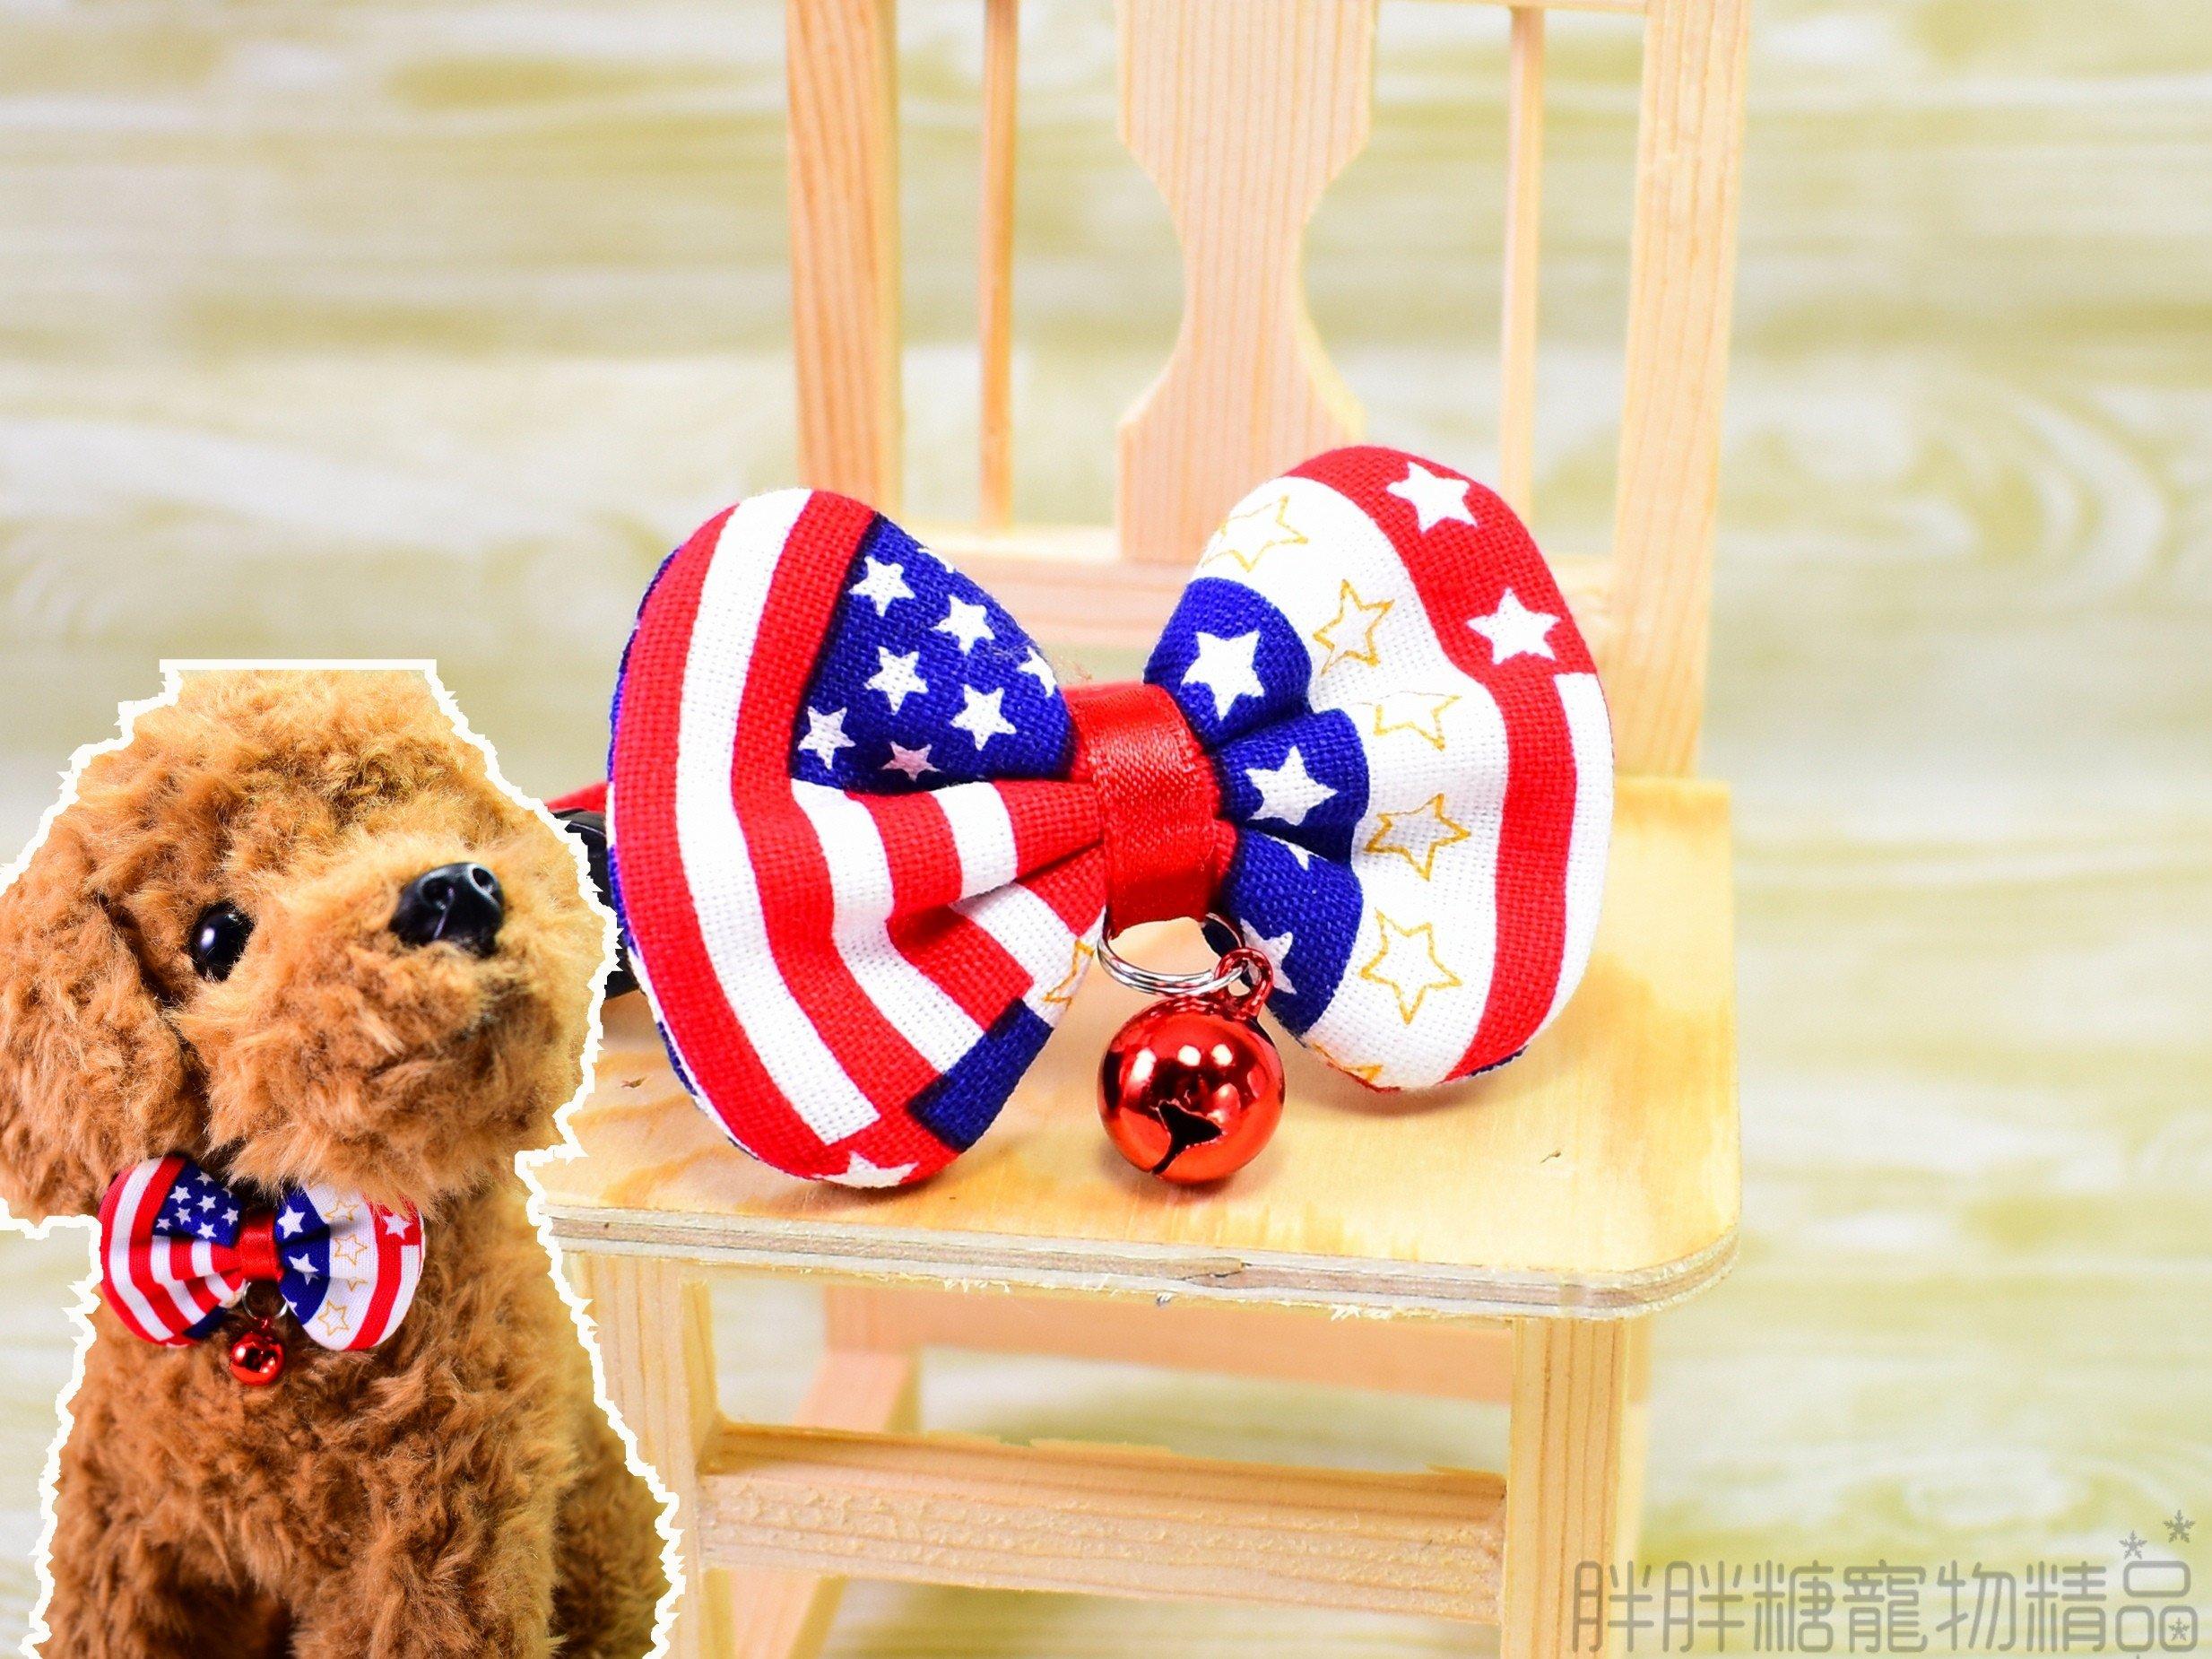 【胖胖糖】紳士英美風領結項圈(XS號)-寵物項圈 安全扣 可伸縮 MIT  小型犬 貓項圈 狗項圈 頸圈